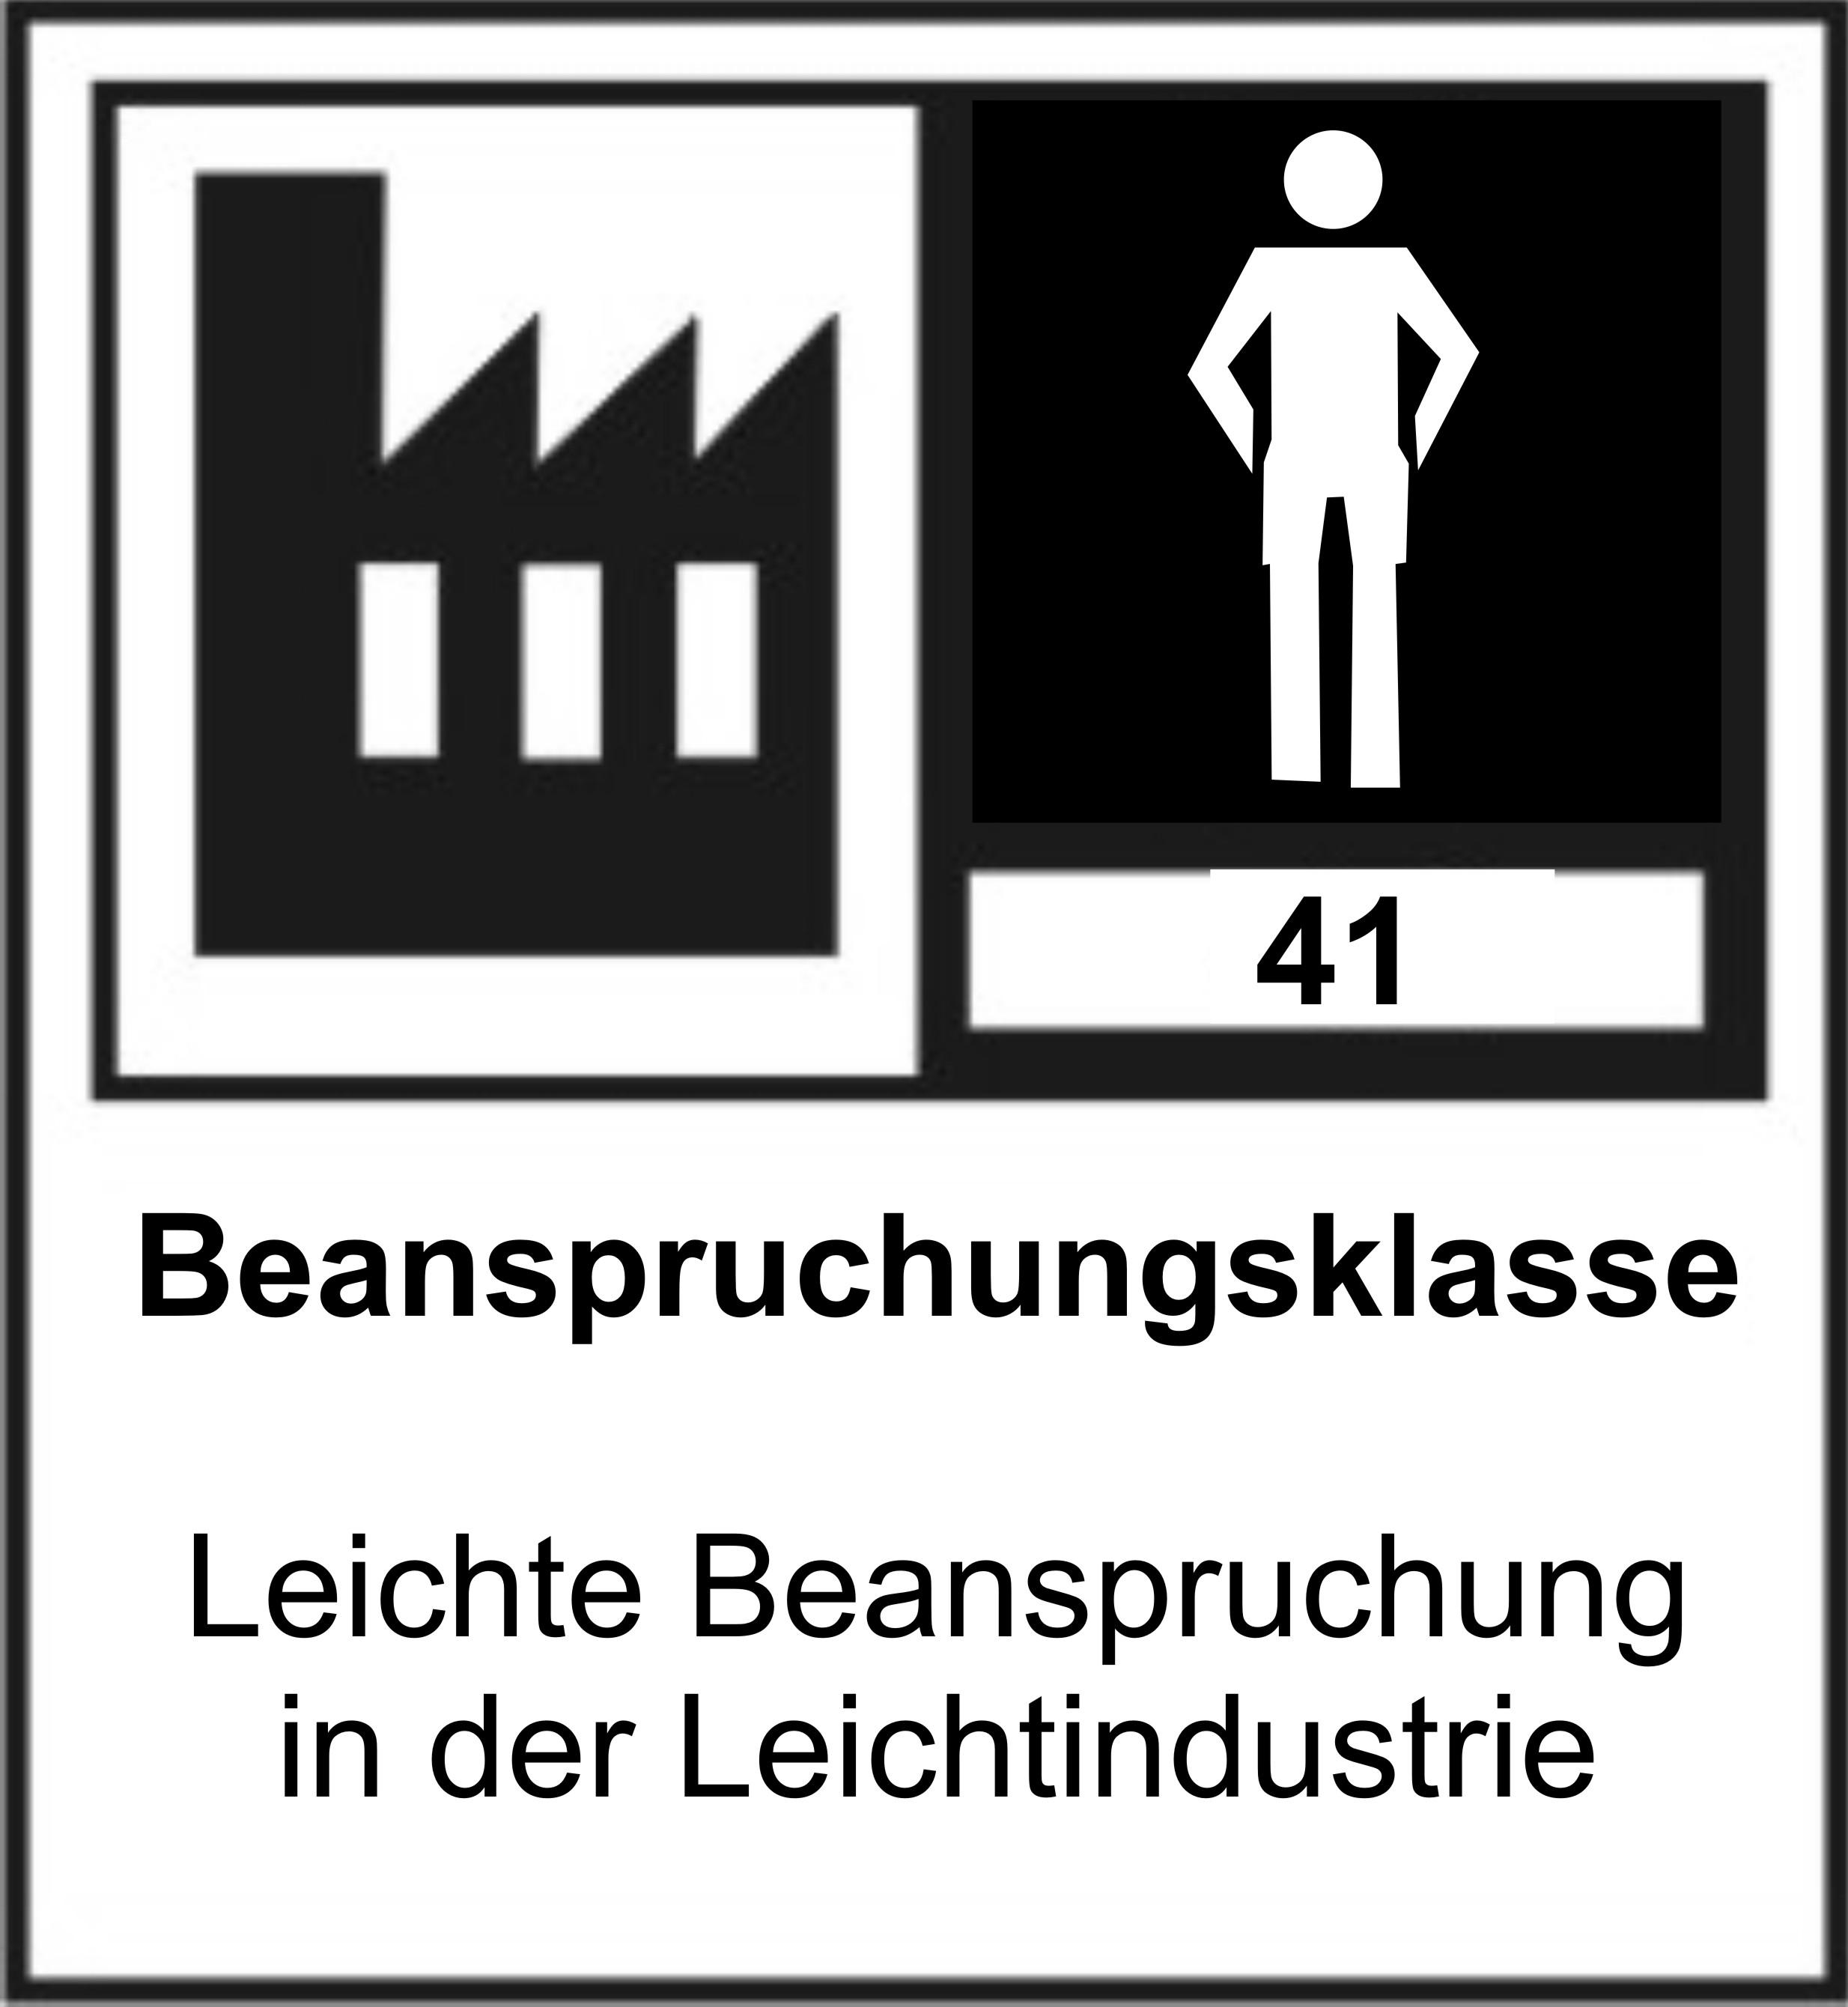 Häufig Übersicht Bodenbelag Nutzungsklassen | bodenheld24.de - Ihr Online BW68